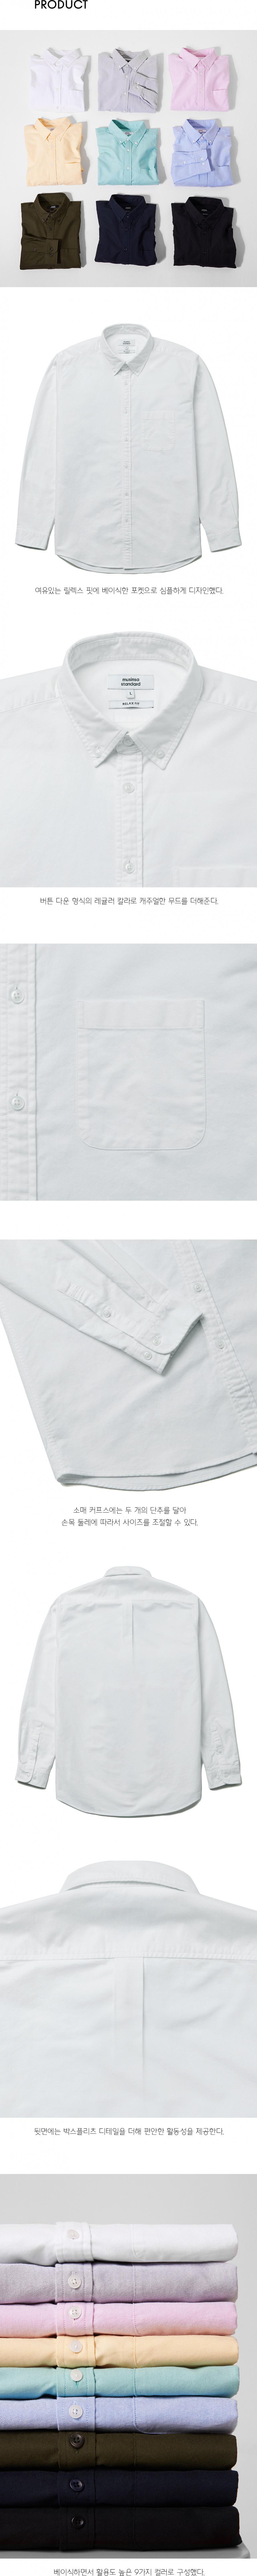 무신사 스탠다드(MUSINSA STANDARD) 릴렉스 핏 옥스포드 셔츠 [화이트]